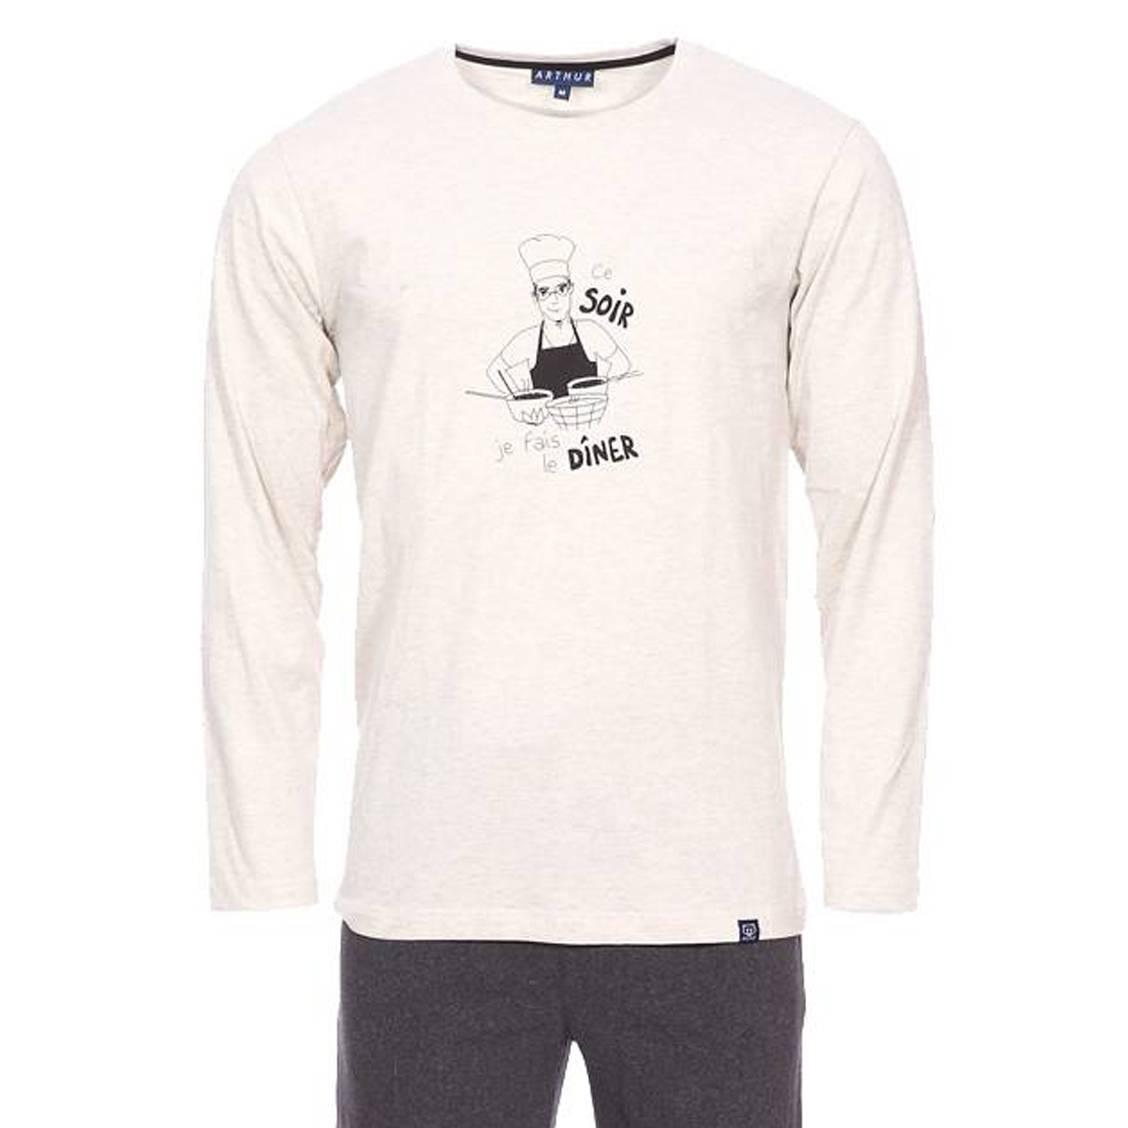 Pyjama long Arthur Diner en coton : tee-shirt manches longues col rond écru chiné floqué Ce soir je